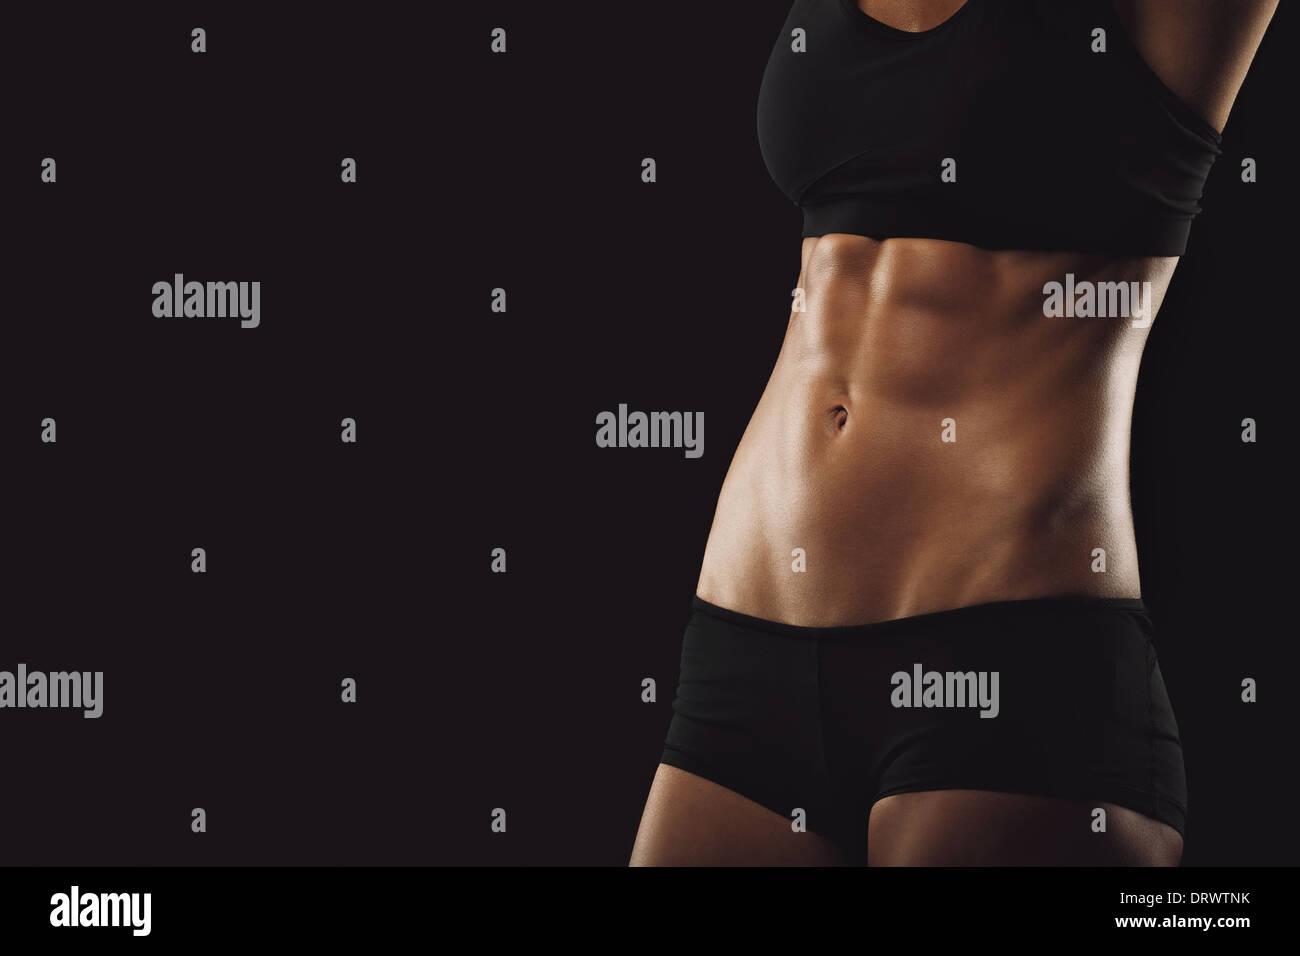 Sottile e montare il ventre della donna. Il tronco della femmina di fitness. La sezione centrale del corpo di donna con abs muscolare su sfondo nero Immagini Stock